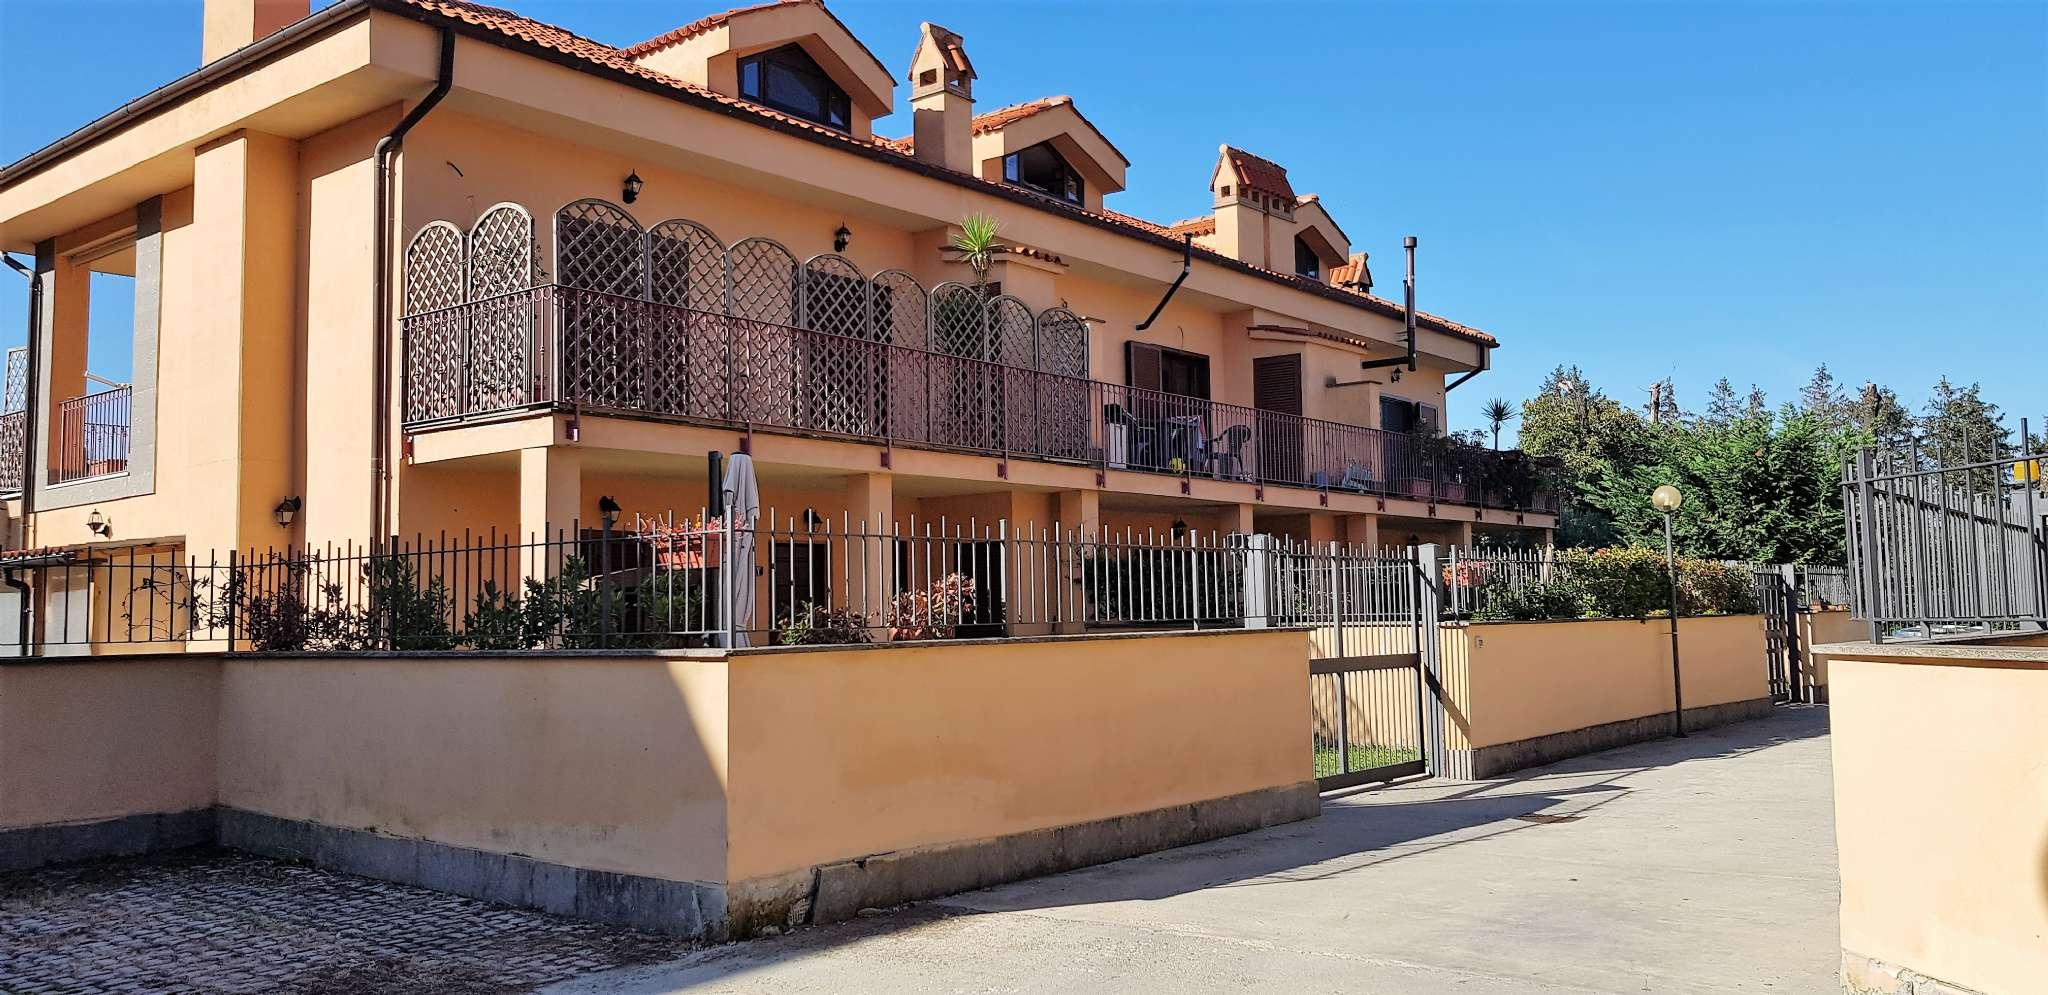 Appartamento in vendita a Rocca di Papa, 2 locali, prezzo € 199.000 | CambioCasa.it